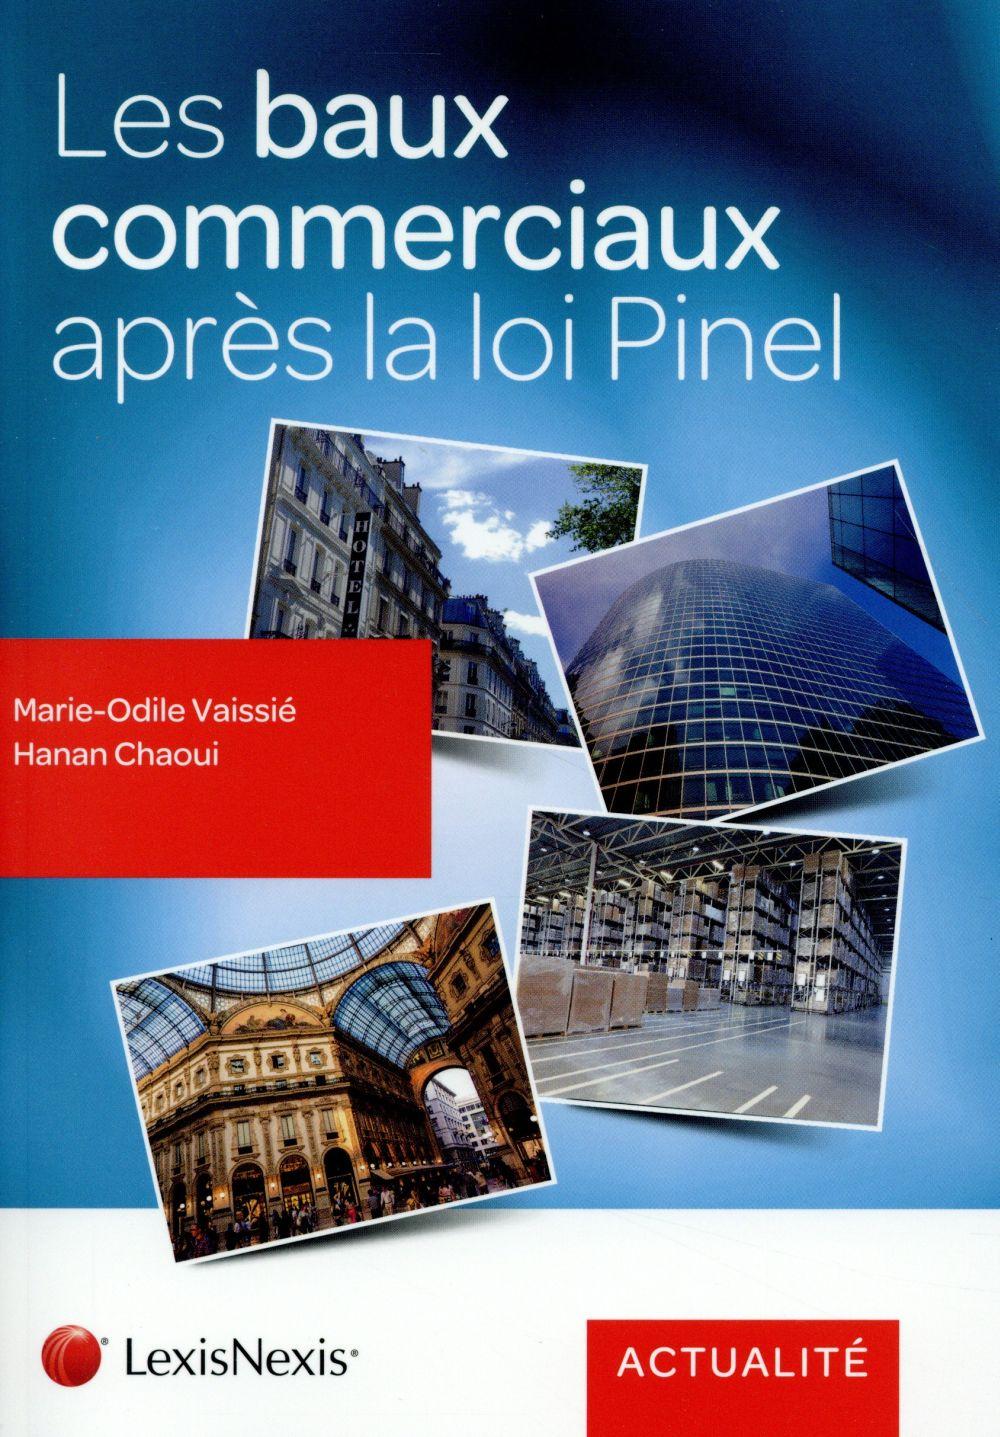 LES BAUX COMMERCIAUX APRES LA LOI PINEL